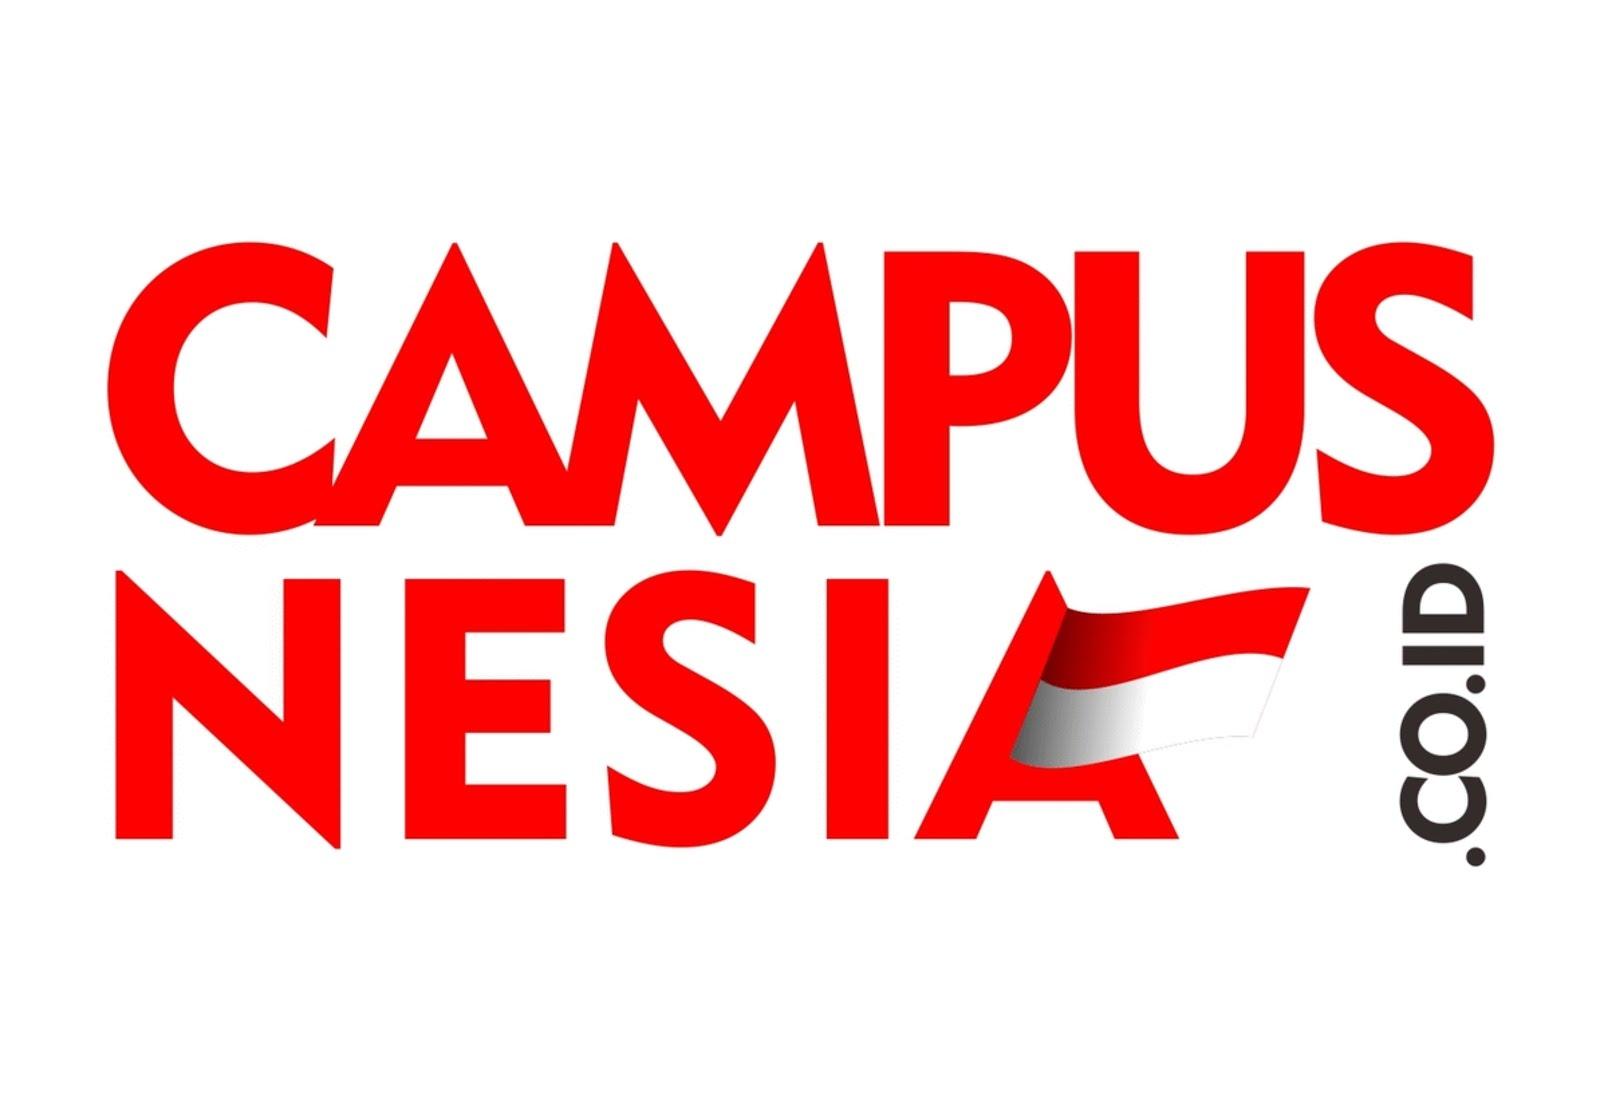 Campusnesia